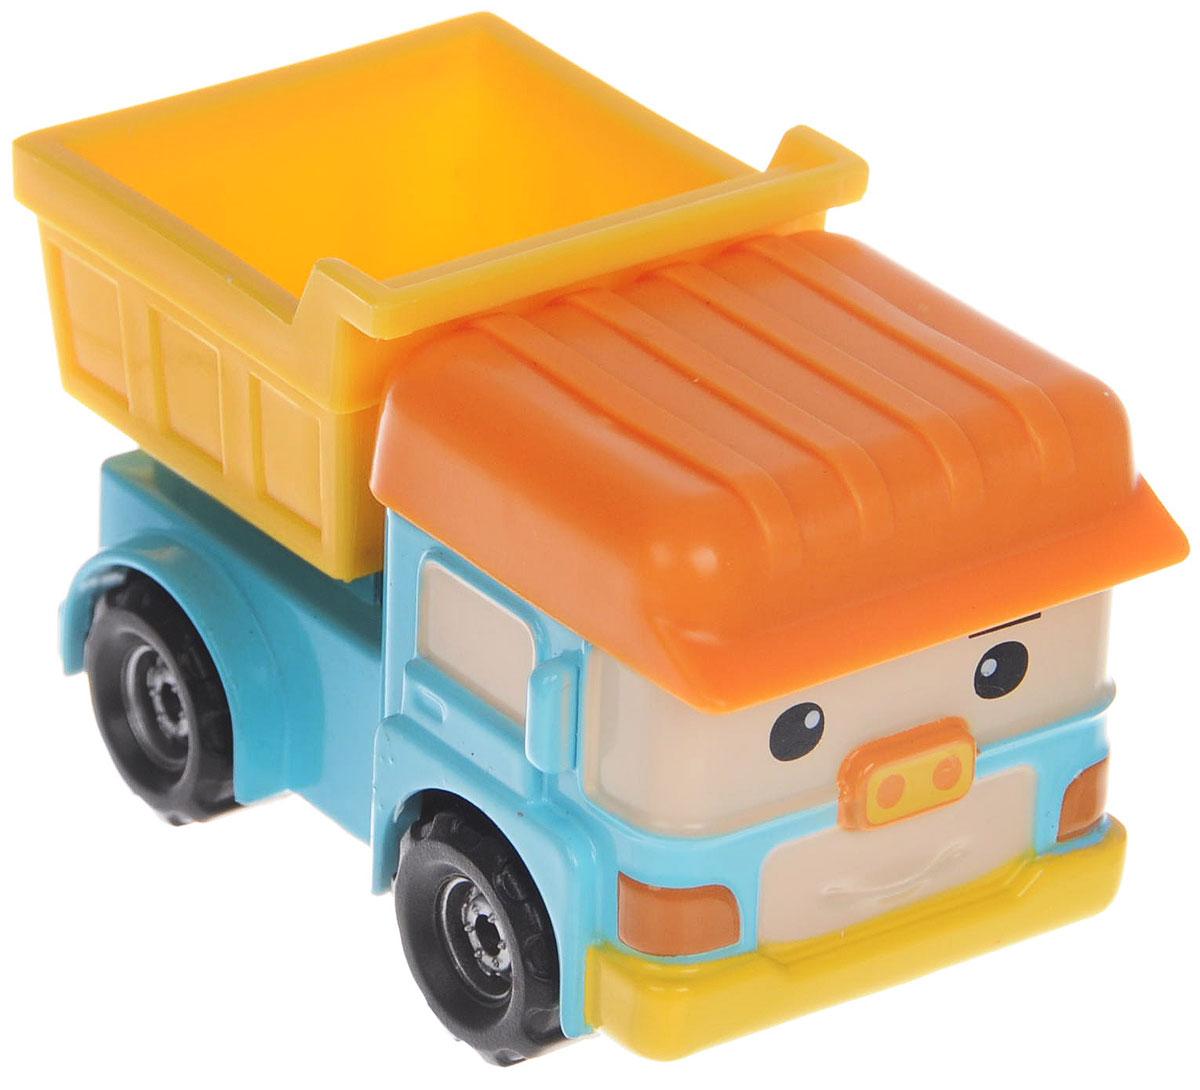 Robocar Poli Игрушка Самосвал Дампо83164Яркая игрушка Poli Самосвал Дампо непременно понравится вашему малышу. Она выполнена из металла с элементами пластика в виде самосвала Дампо - персонажа популярного мультсериала Robocar Poli. Дампо оснащен откидывающимся кузовом и колесиками со свободным ходом, позволяющими катать машинку. Благодаря небольшому размеру ребенок сможет взять игрушку с собой на прогулку, в поездку или в гости. Порадуйте своего малыша таким замечательным подарком!